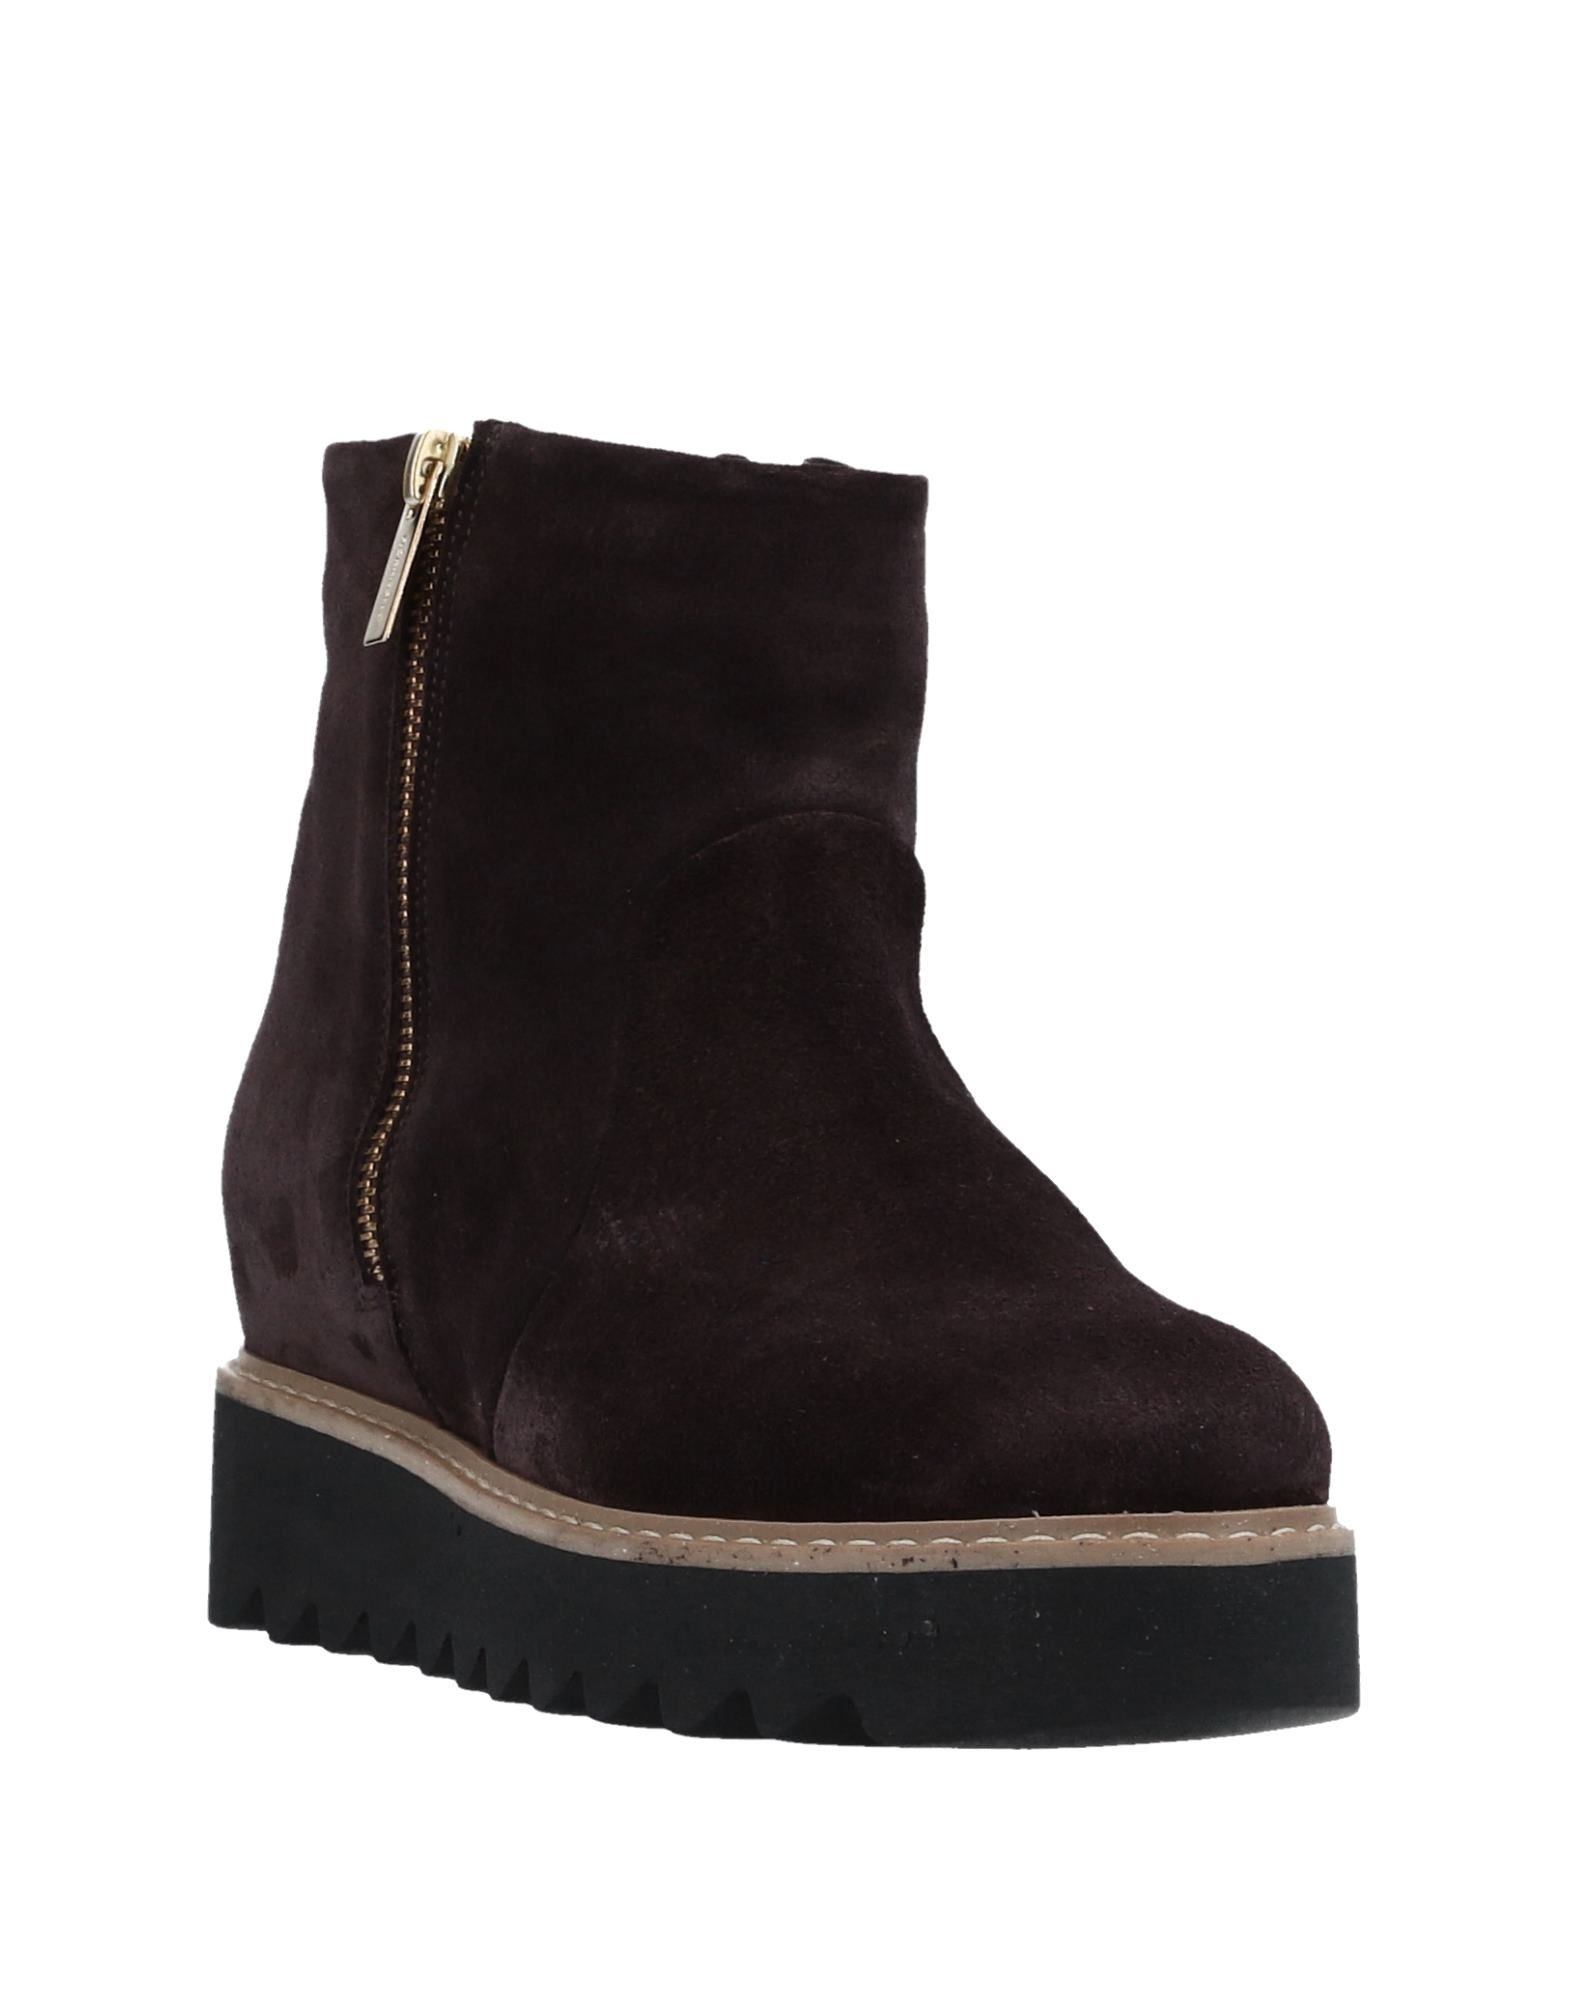 Fiorangelo Stiefelette Damen  11510606PUGut aussehende strapazierfähige Schuhe